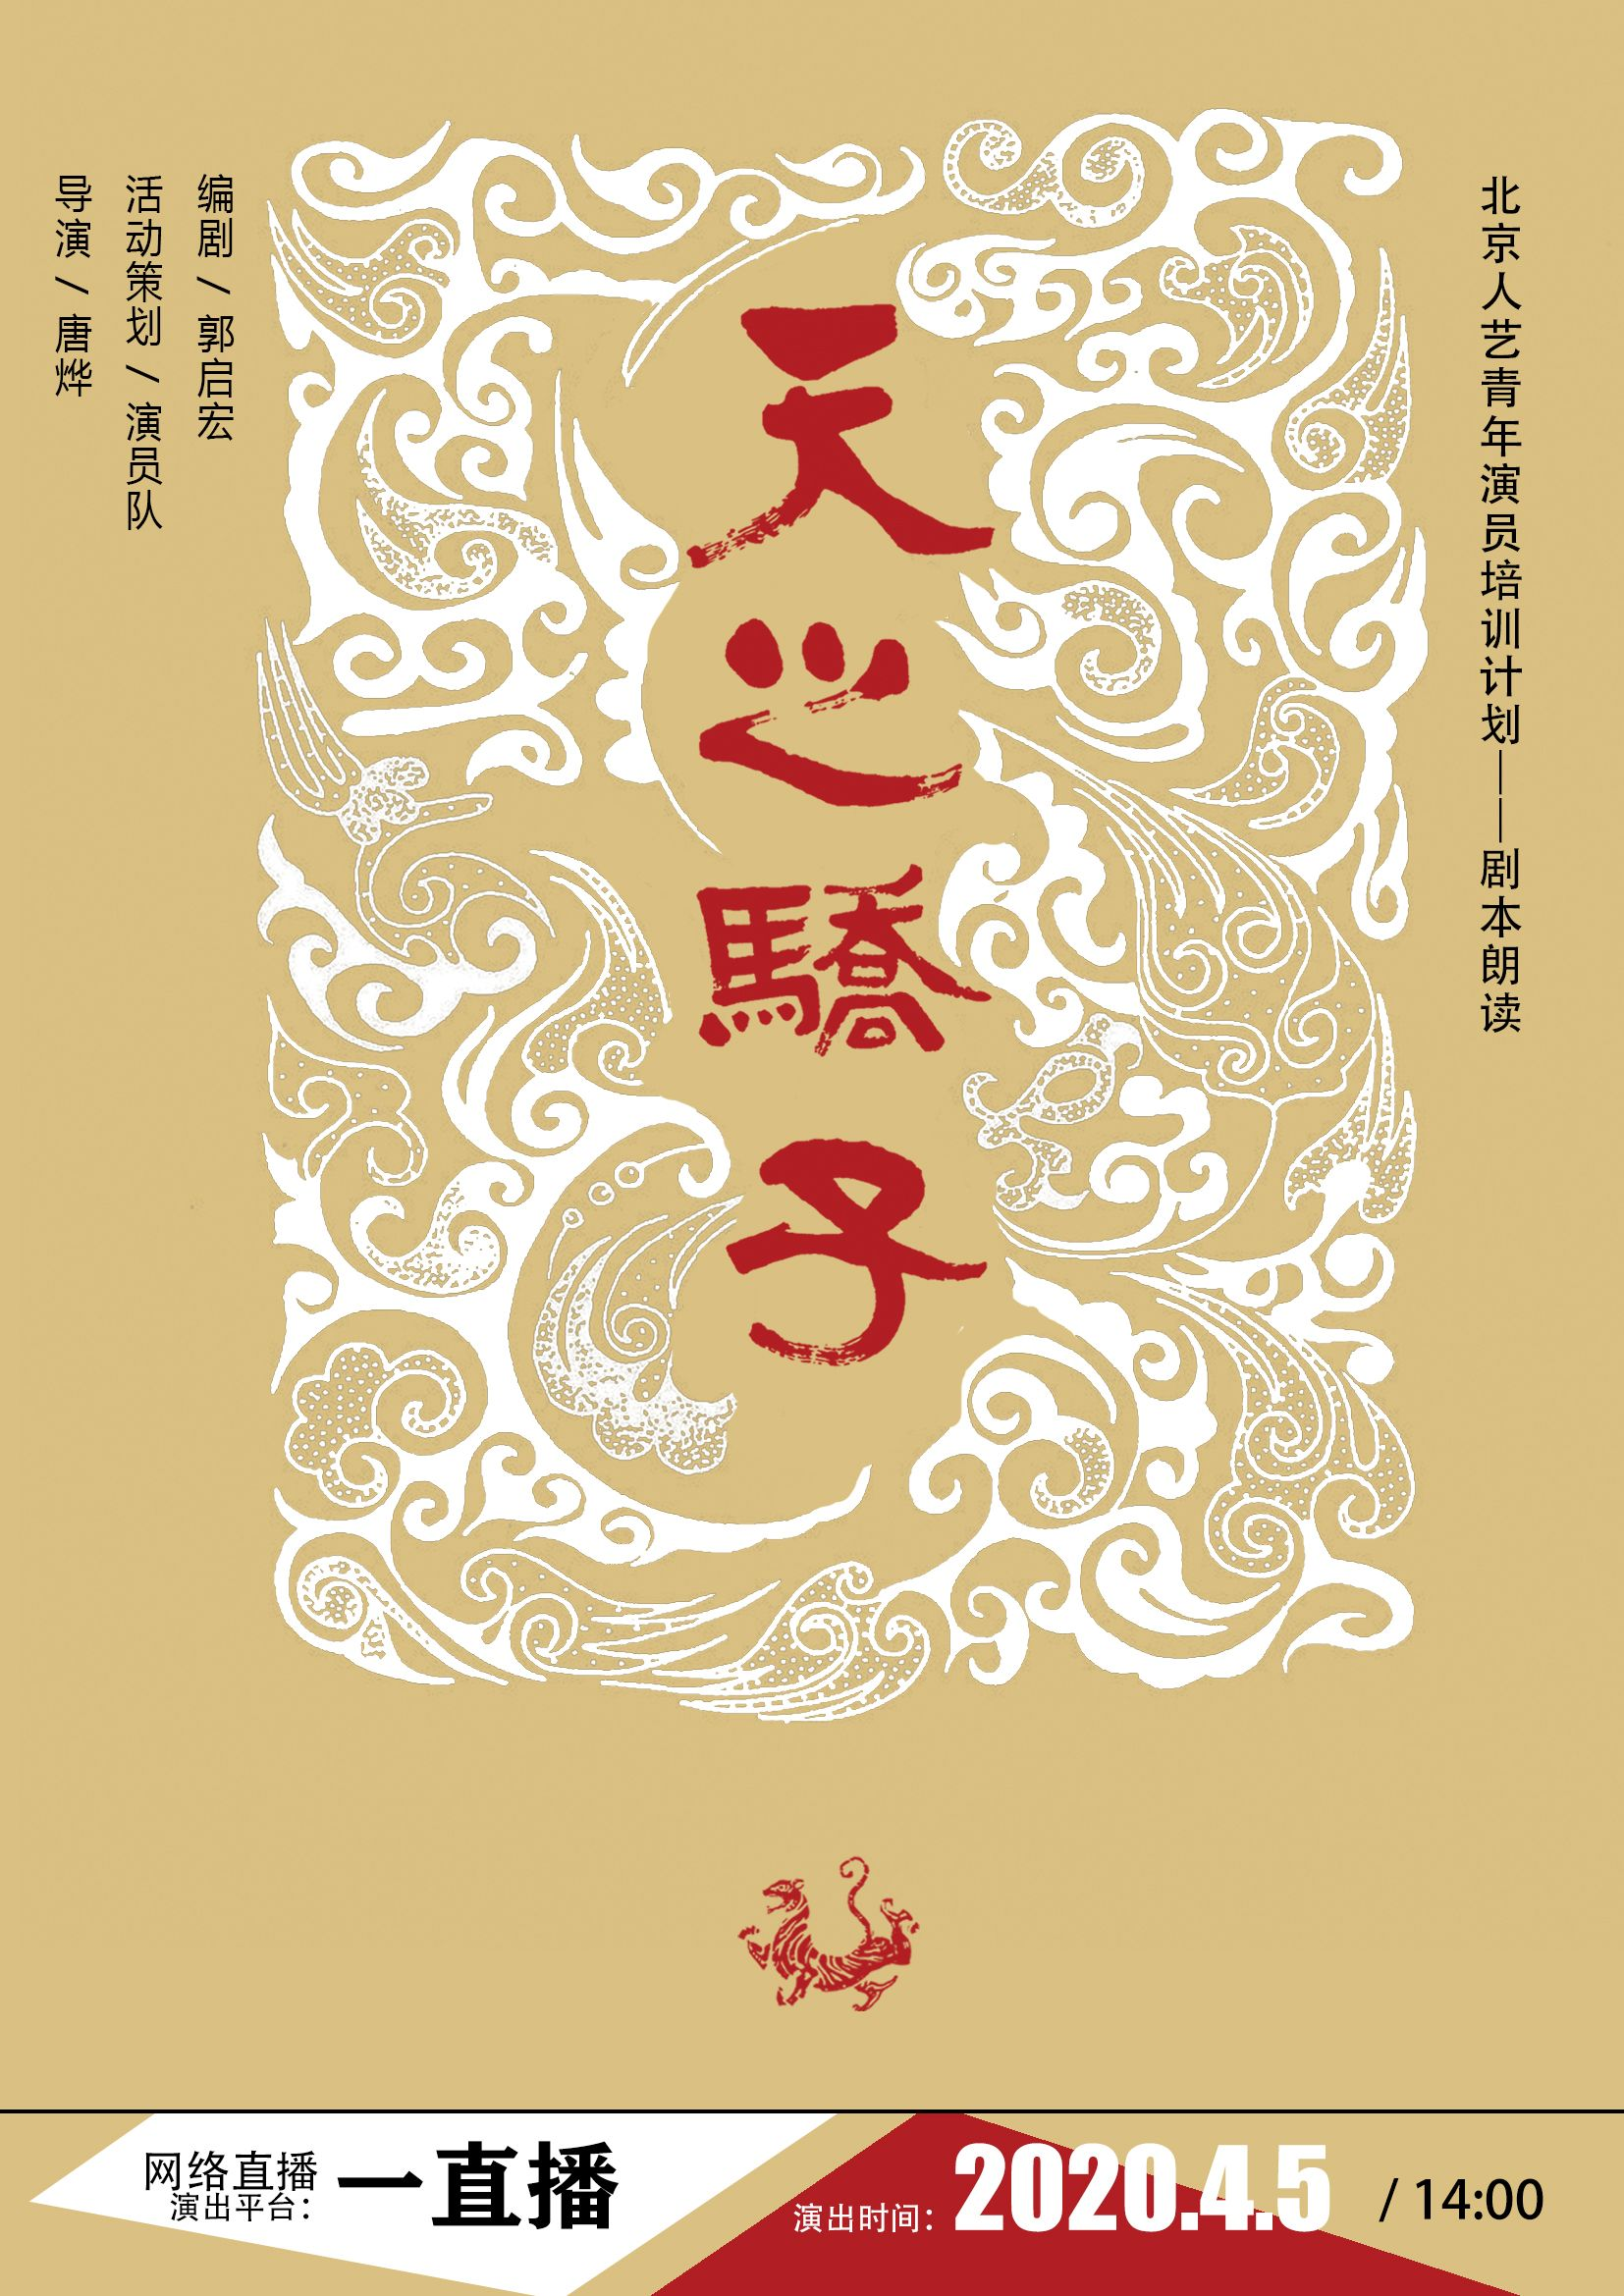 北京人艺直播剧本朗读 包括《天之骄子》等作品